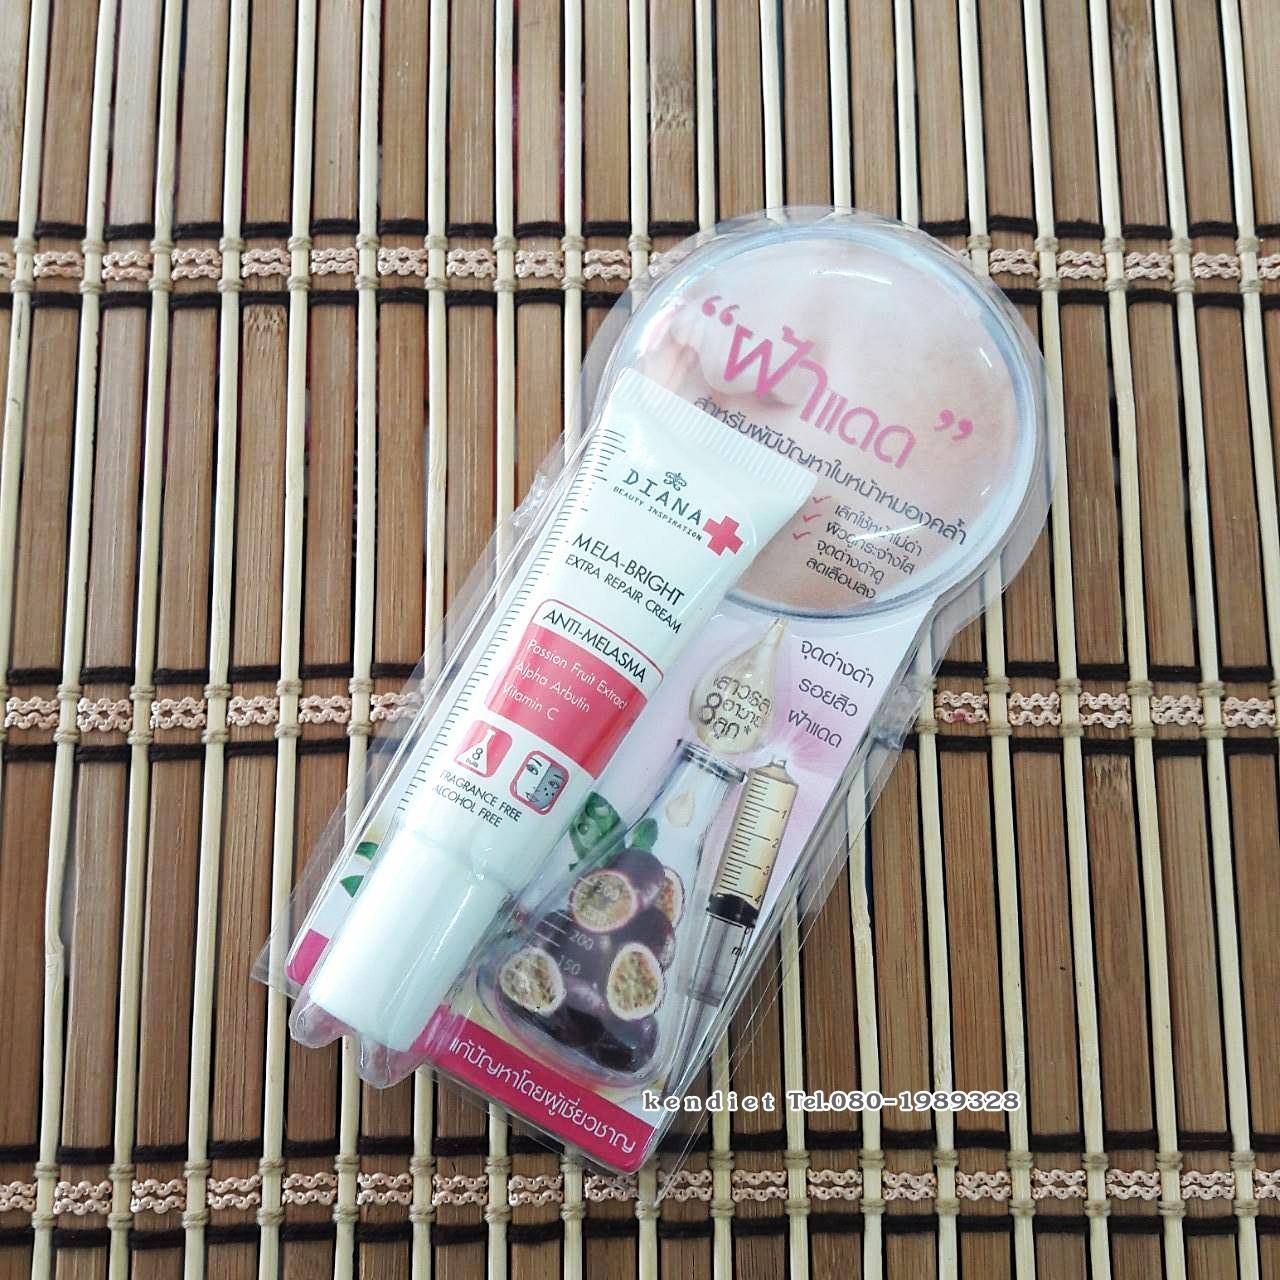 ไดอาน่า พลัส เมลา-ไบรท์ เอ็กซ์ตร้า รีแพร์ ครีม Diana Mela-Bright Extra Repair Cream ลดจุดด่างดำ รอยสิว ฝ้าแดด